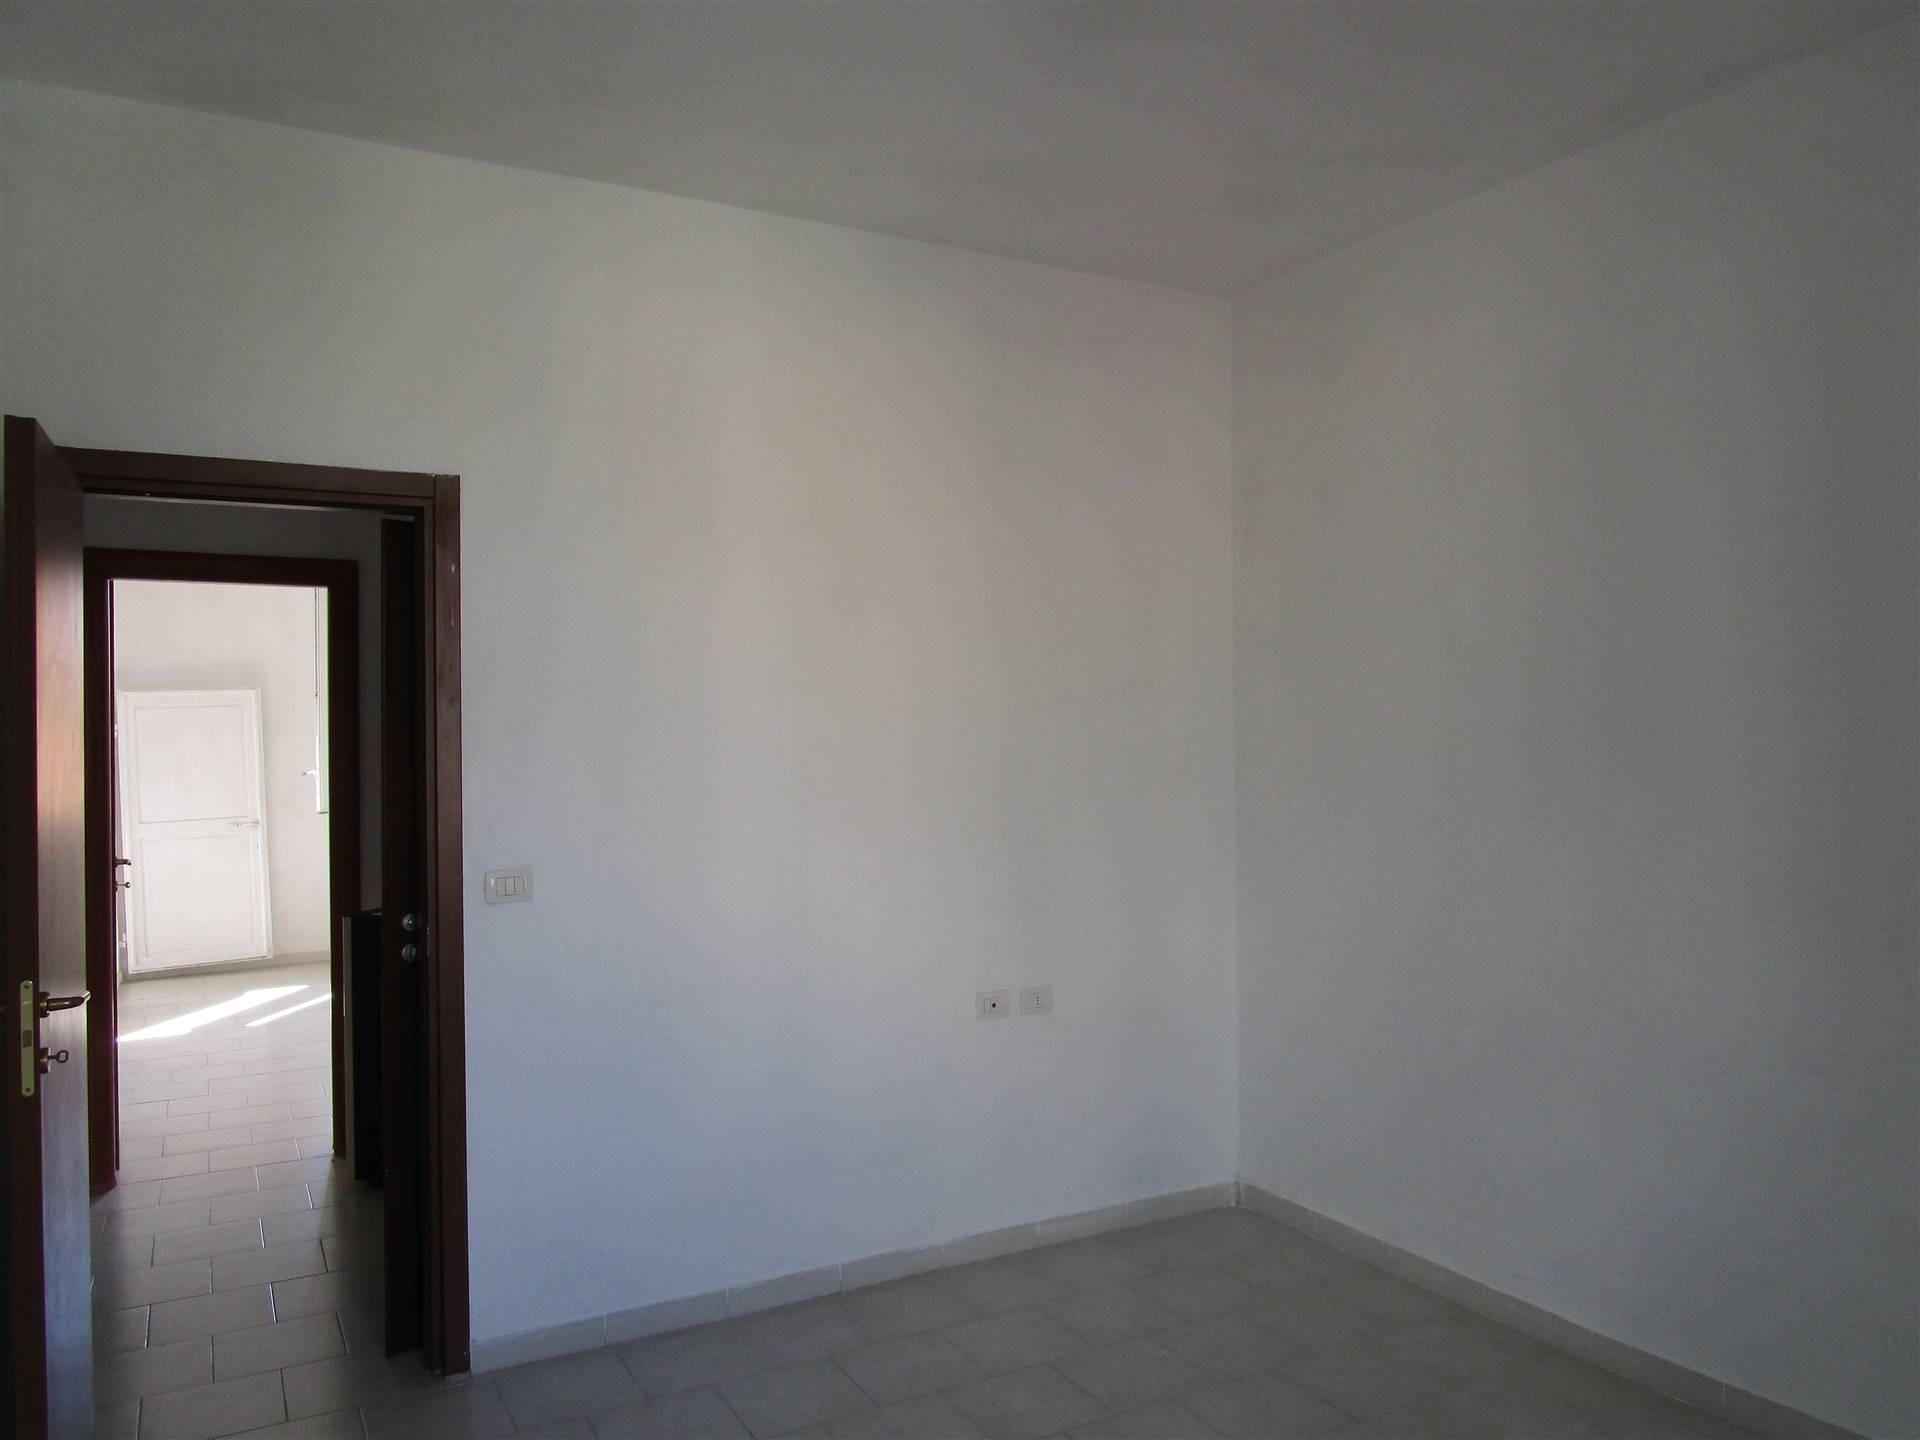 Appartamento in Vendita a Campi bisenzio zona San lorenzo - immagine 10